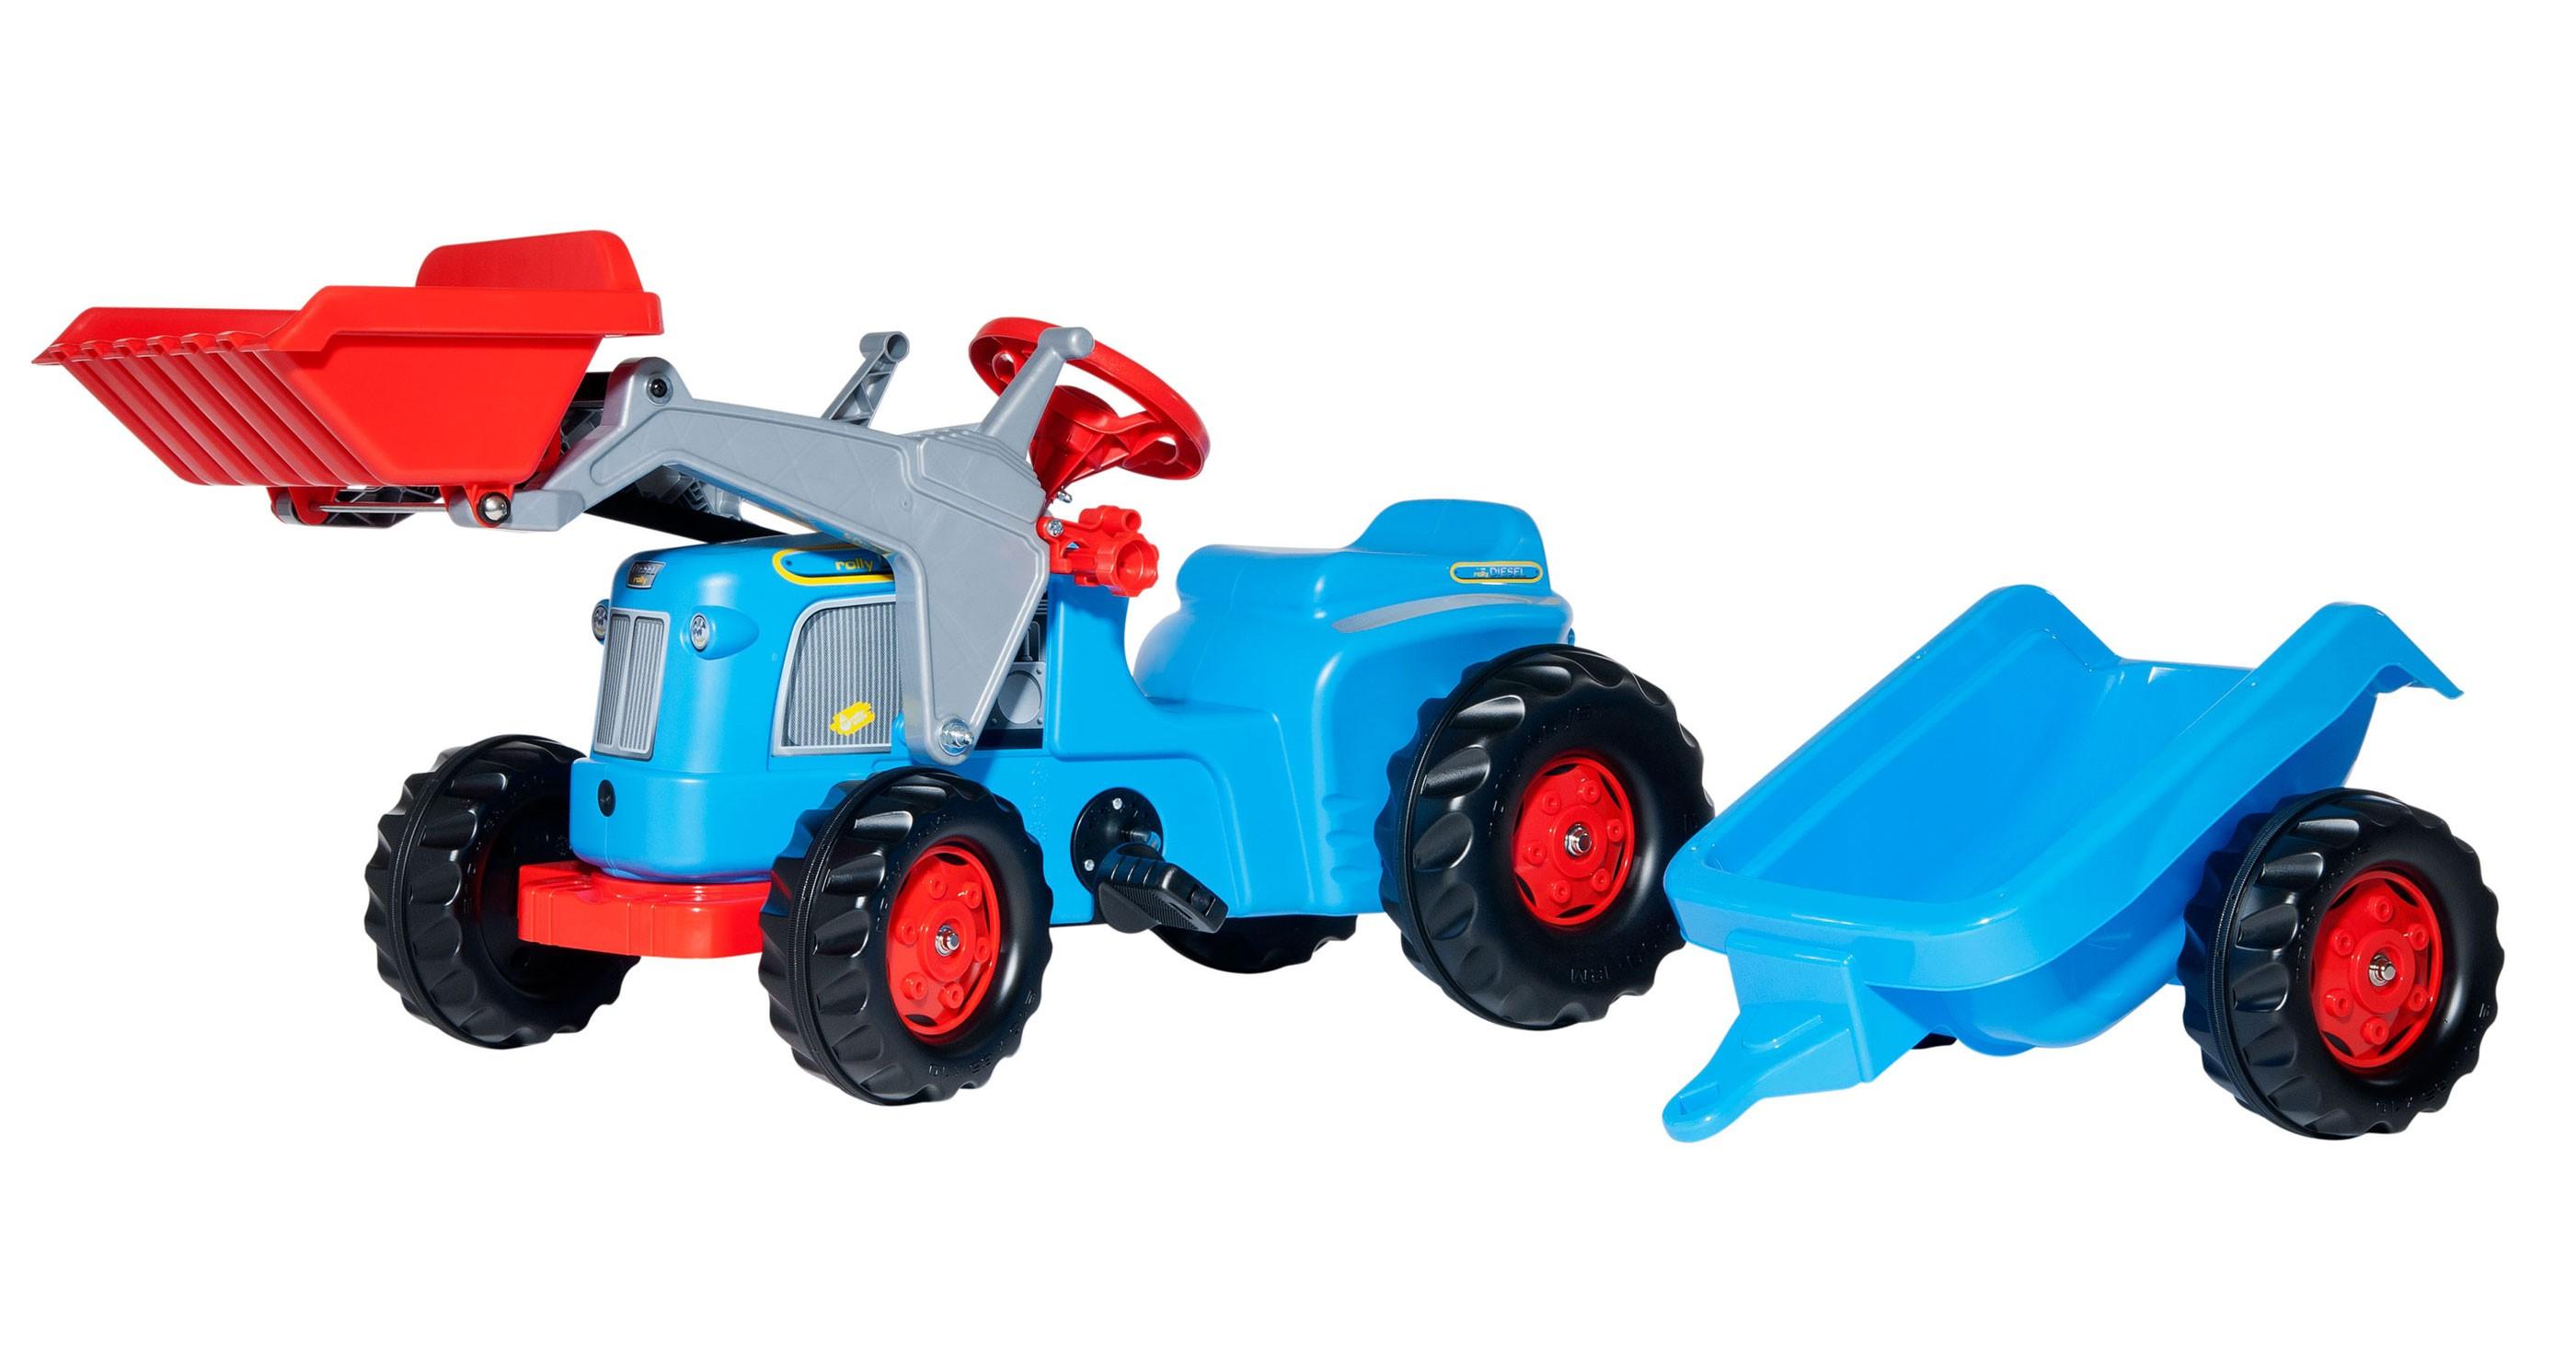 Trettraktor rollyKiddy Classic Frontlader + Anhänger blau - Rolly Toys Bild 1